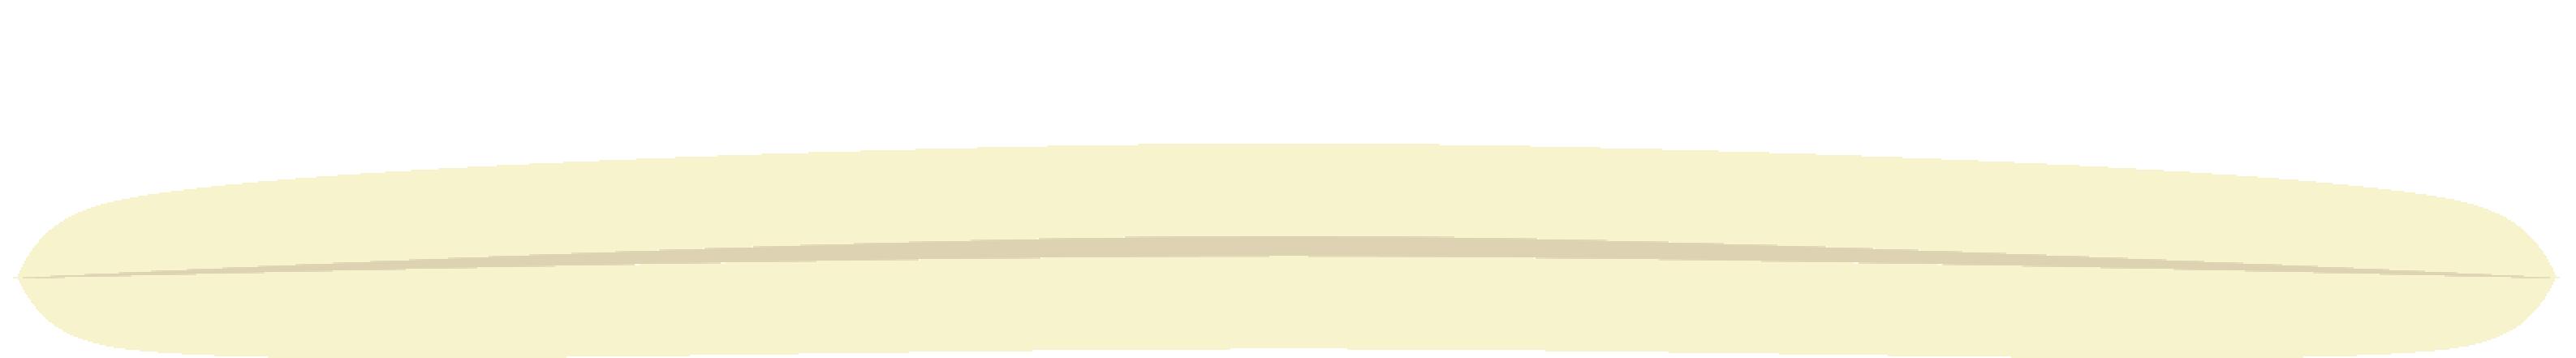 「無上殿」は、功徳山瑞光寺の寺院内納骨堂です。